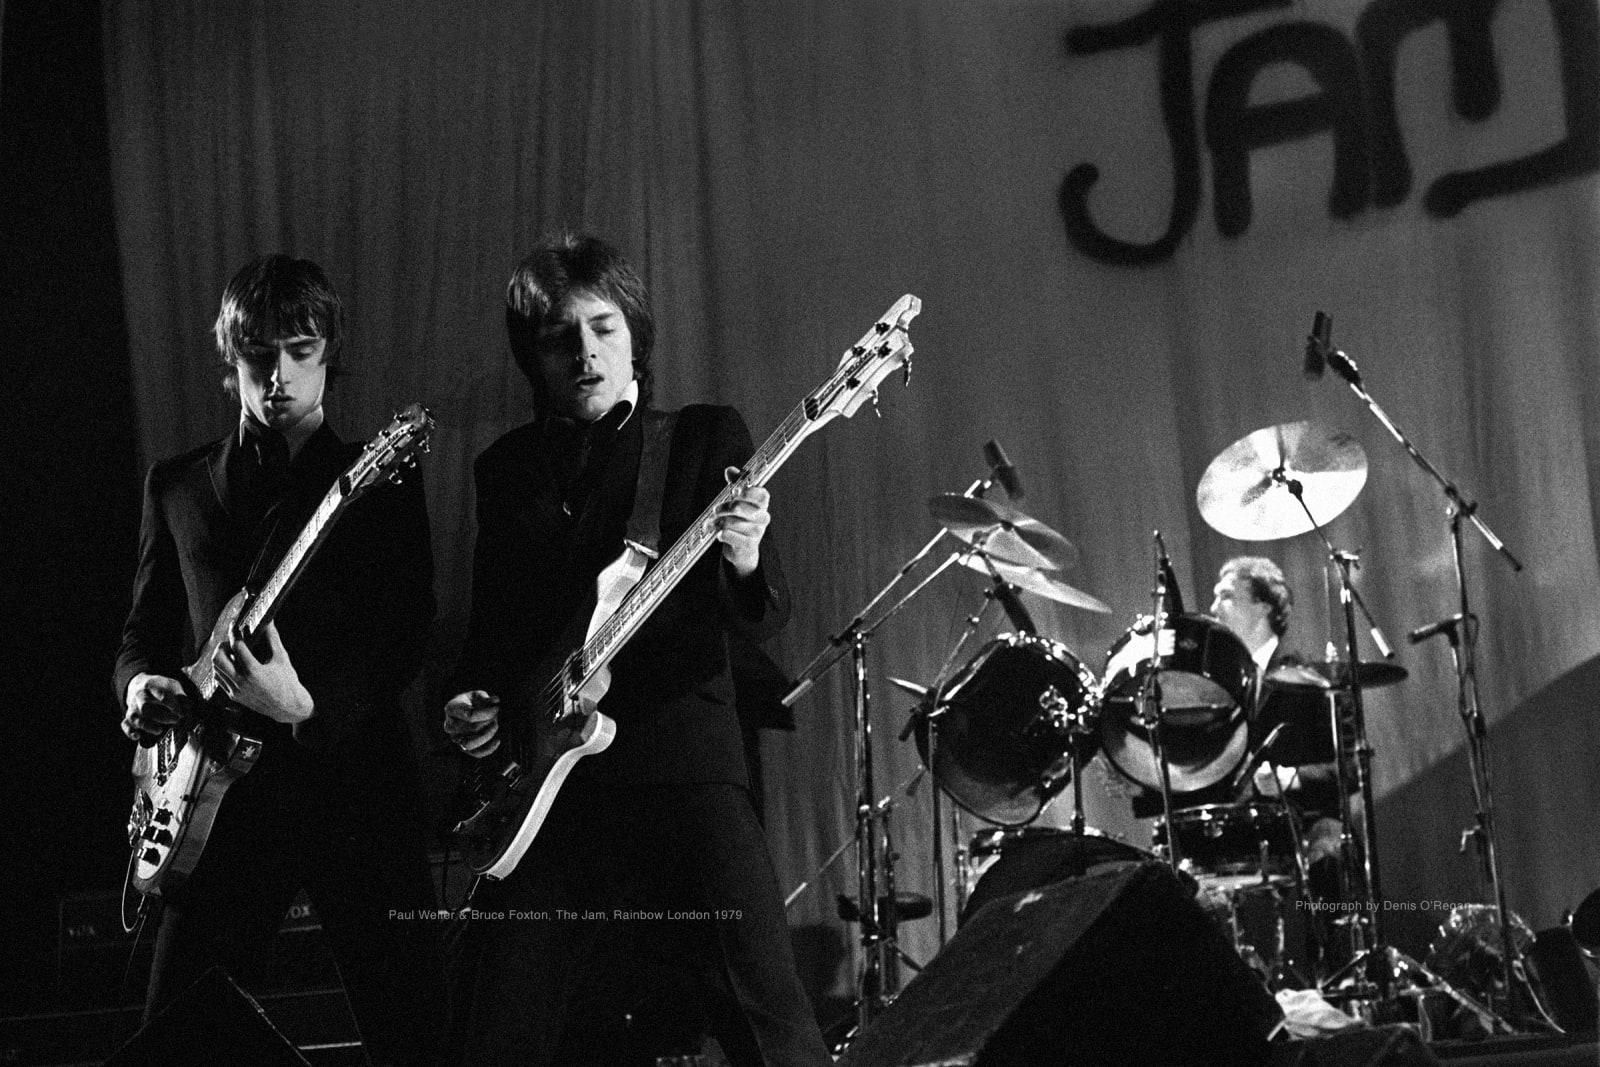 THE JAM, The Jam Rainbow, 1979